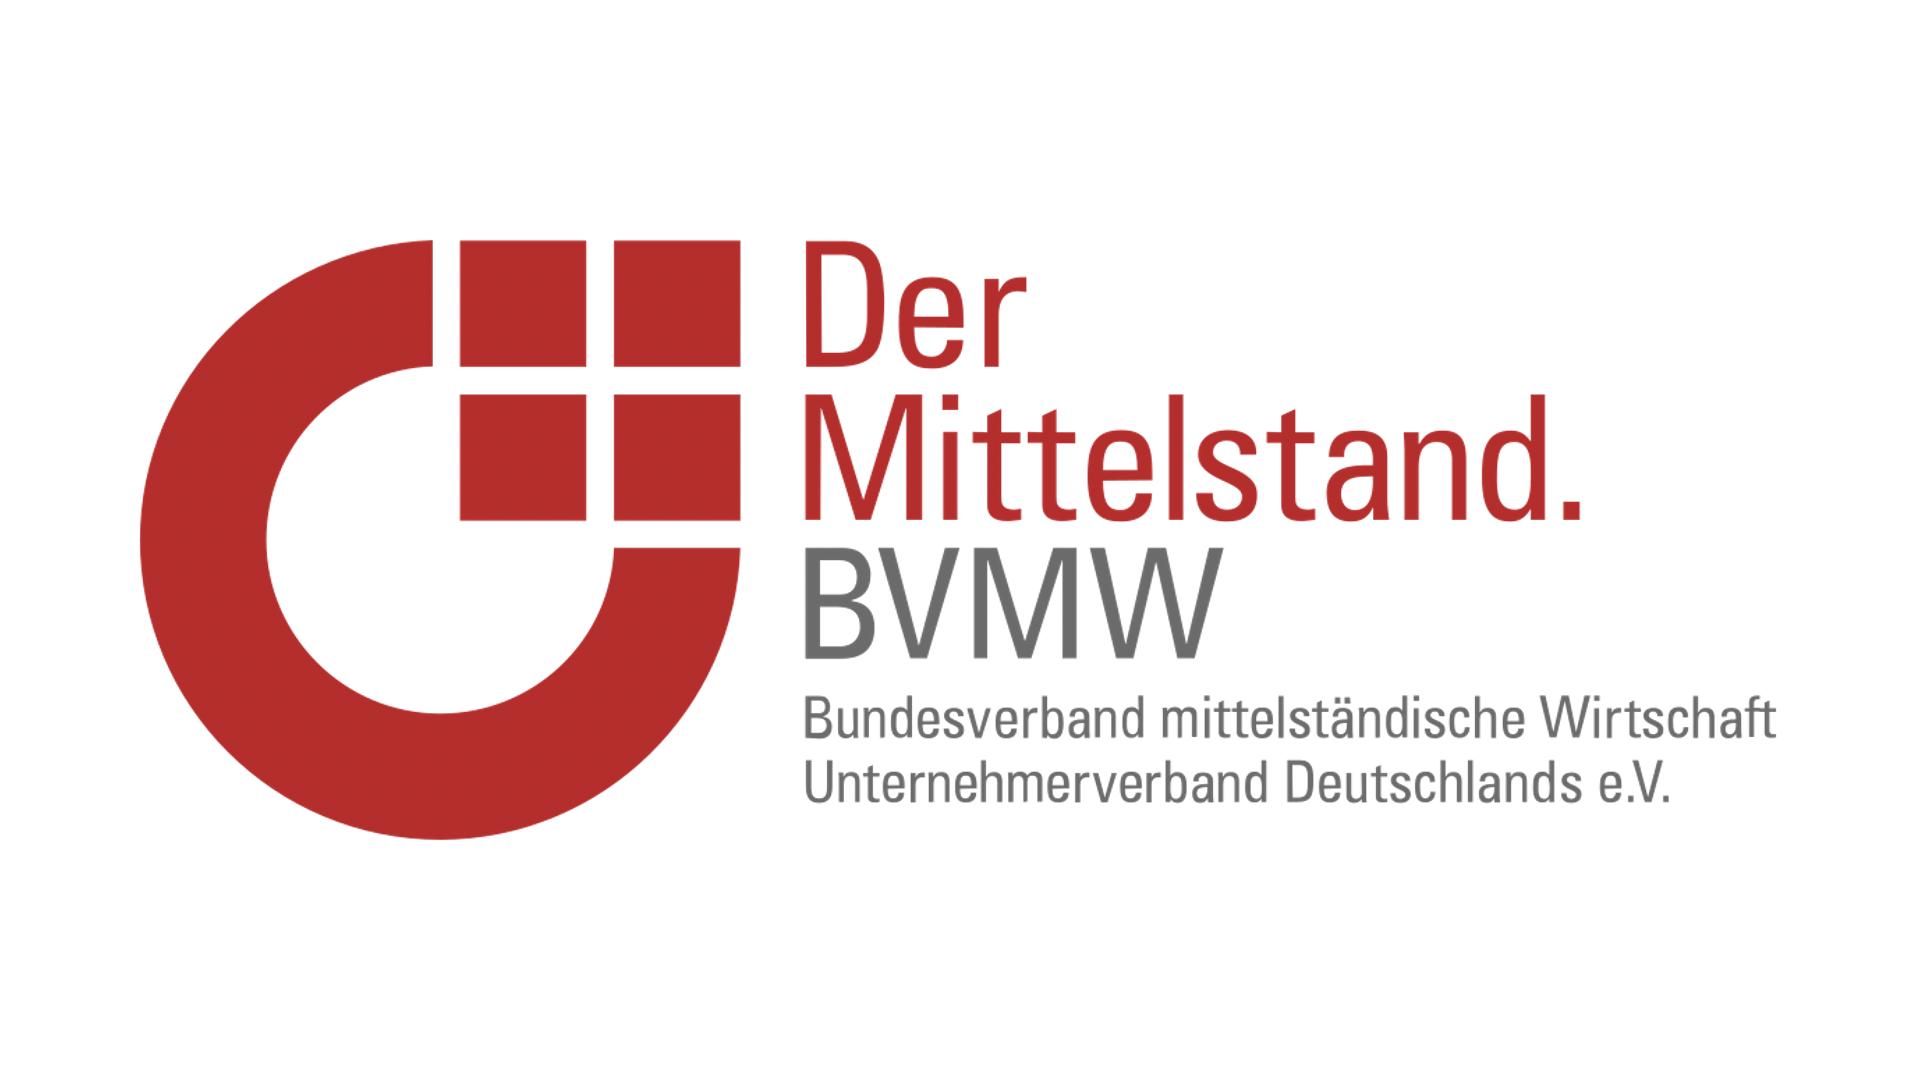 Bundesverband mittelständische Wirtschaft – Unternehmerverband Deutschlands e. V. (BVMW)